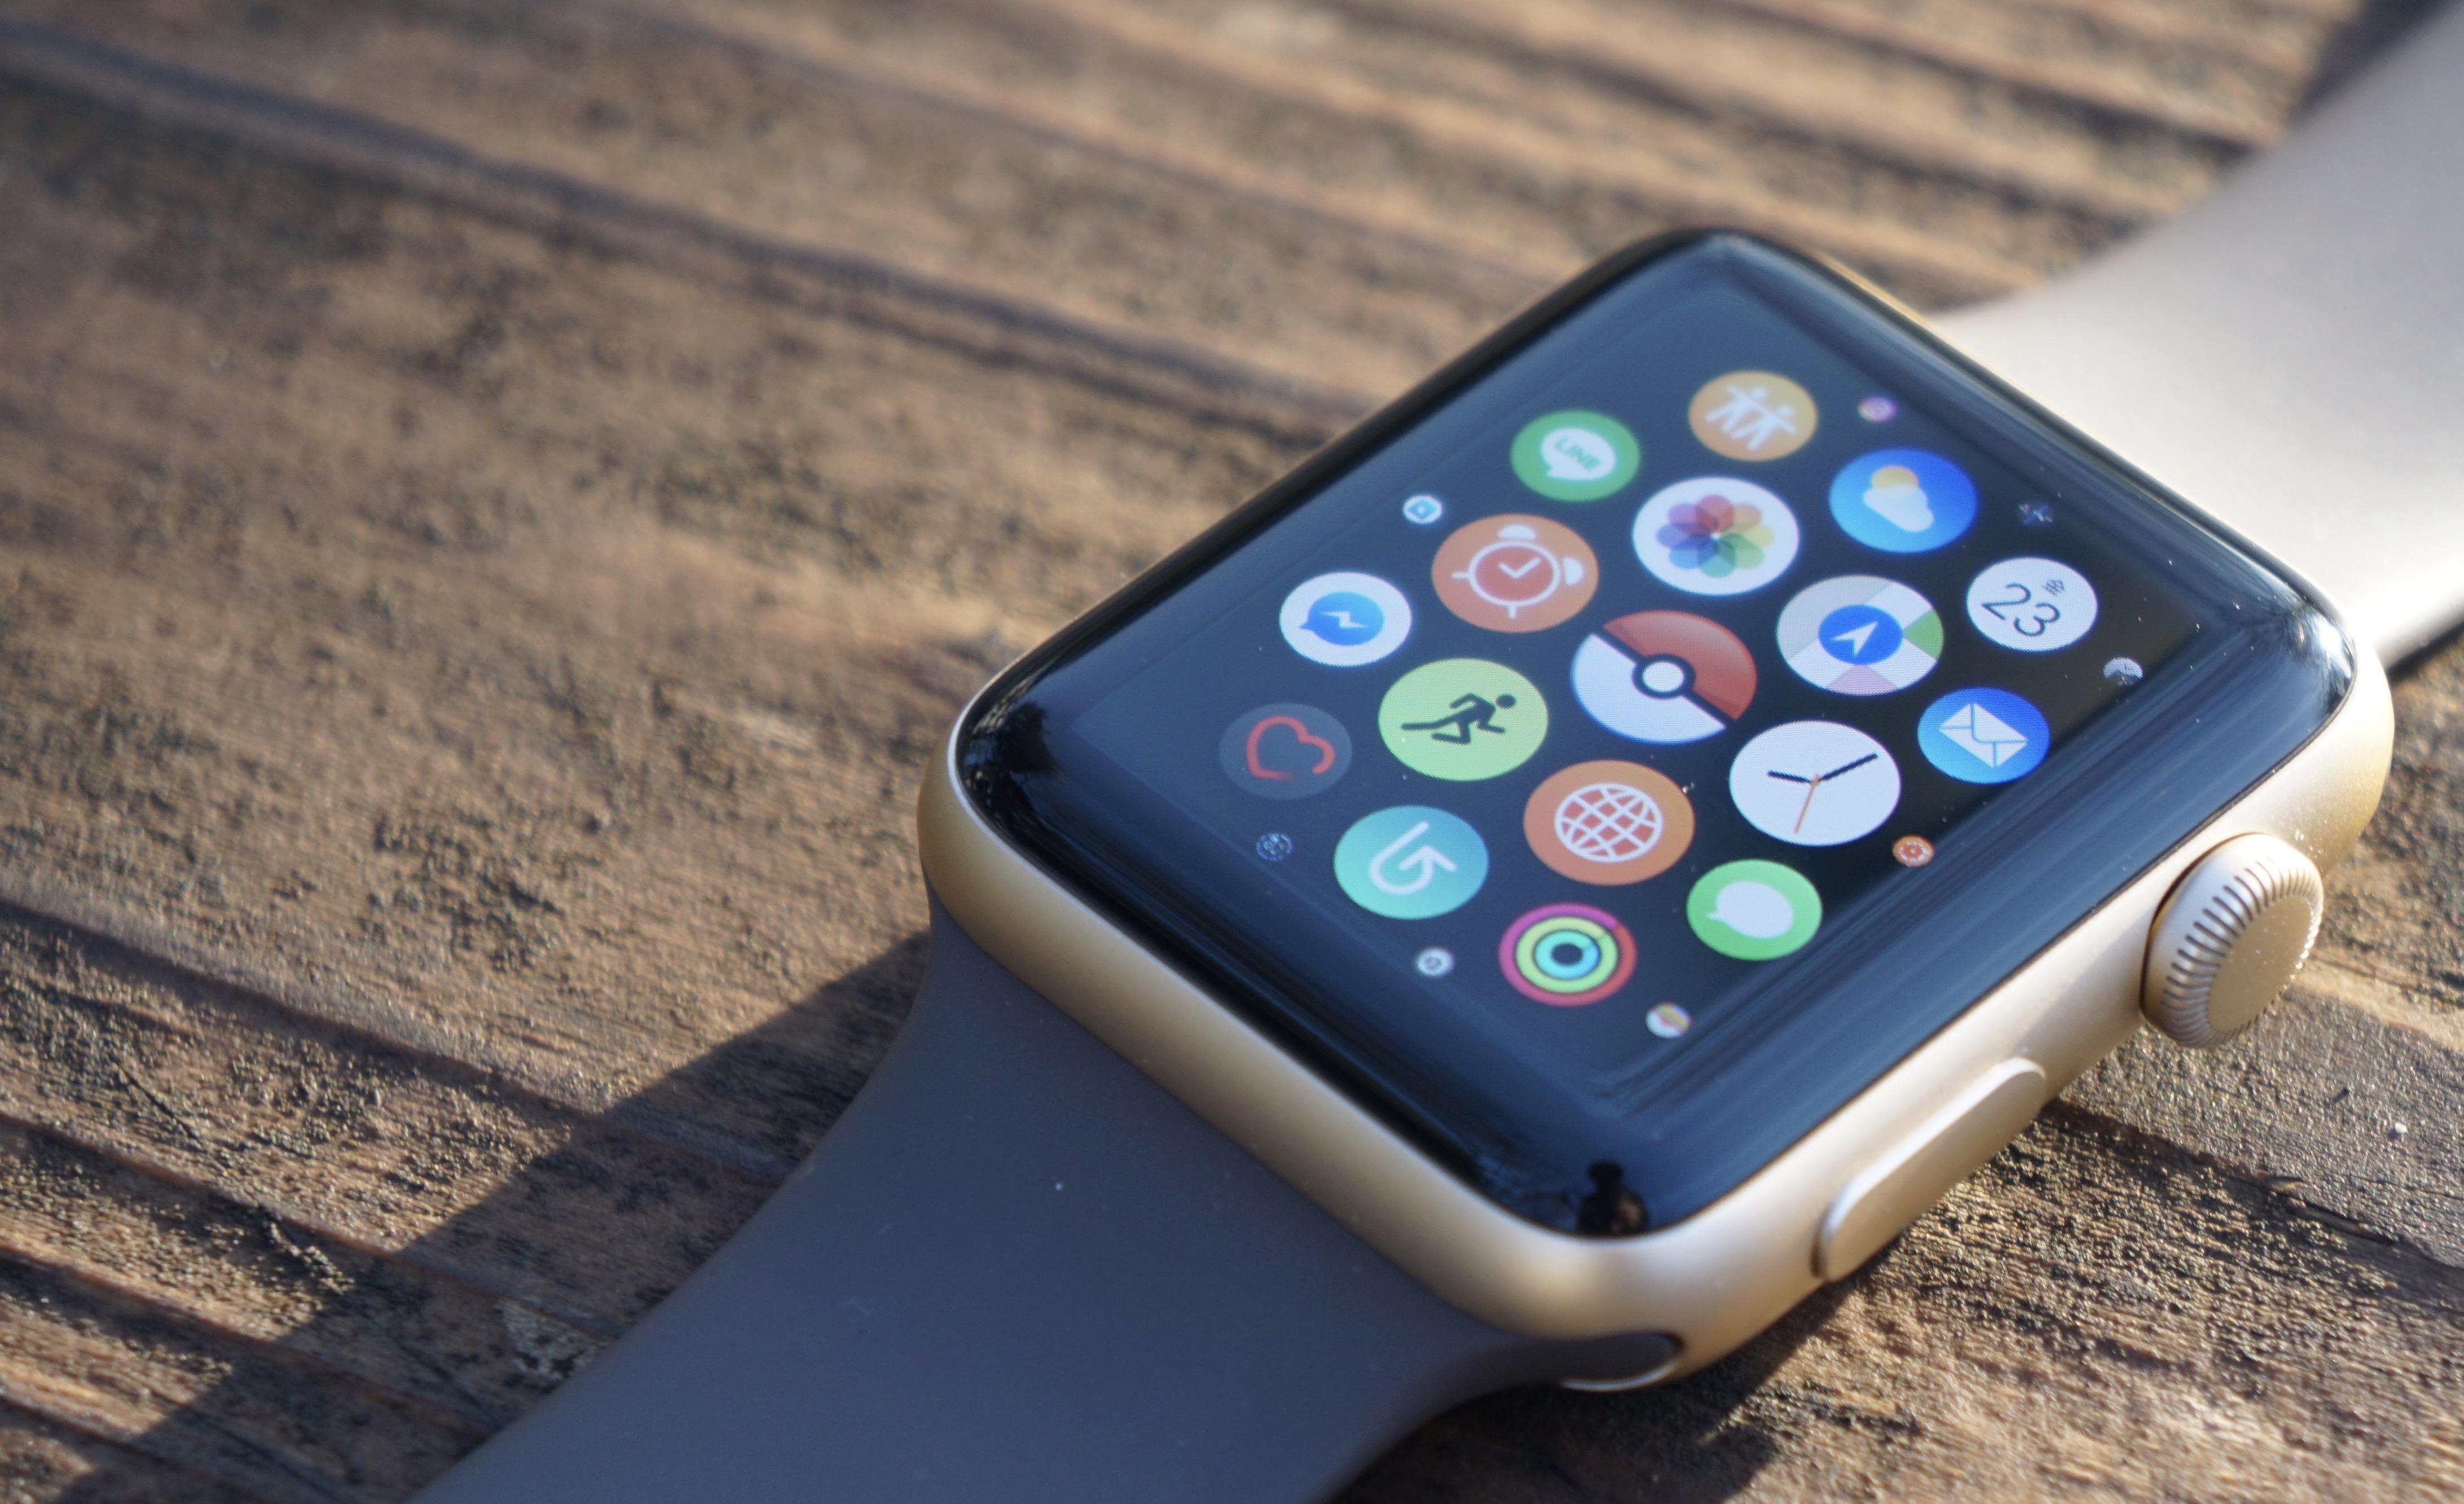 Apple Watchアプリは不評?Googleマップ、Amazonなど撤退相次ぐ